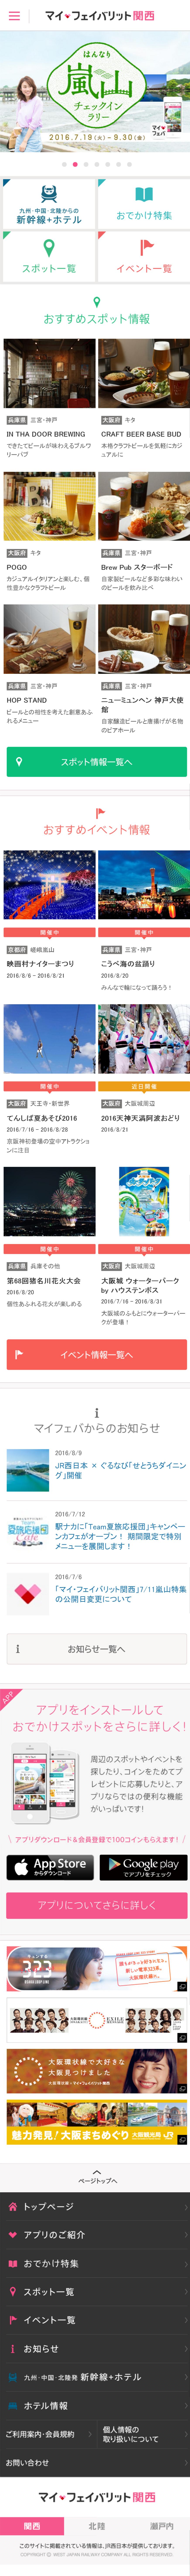 関西のおでかけアプリ WEB マイ・フェイバリット関西(マイフェバ)